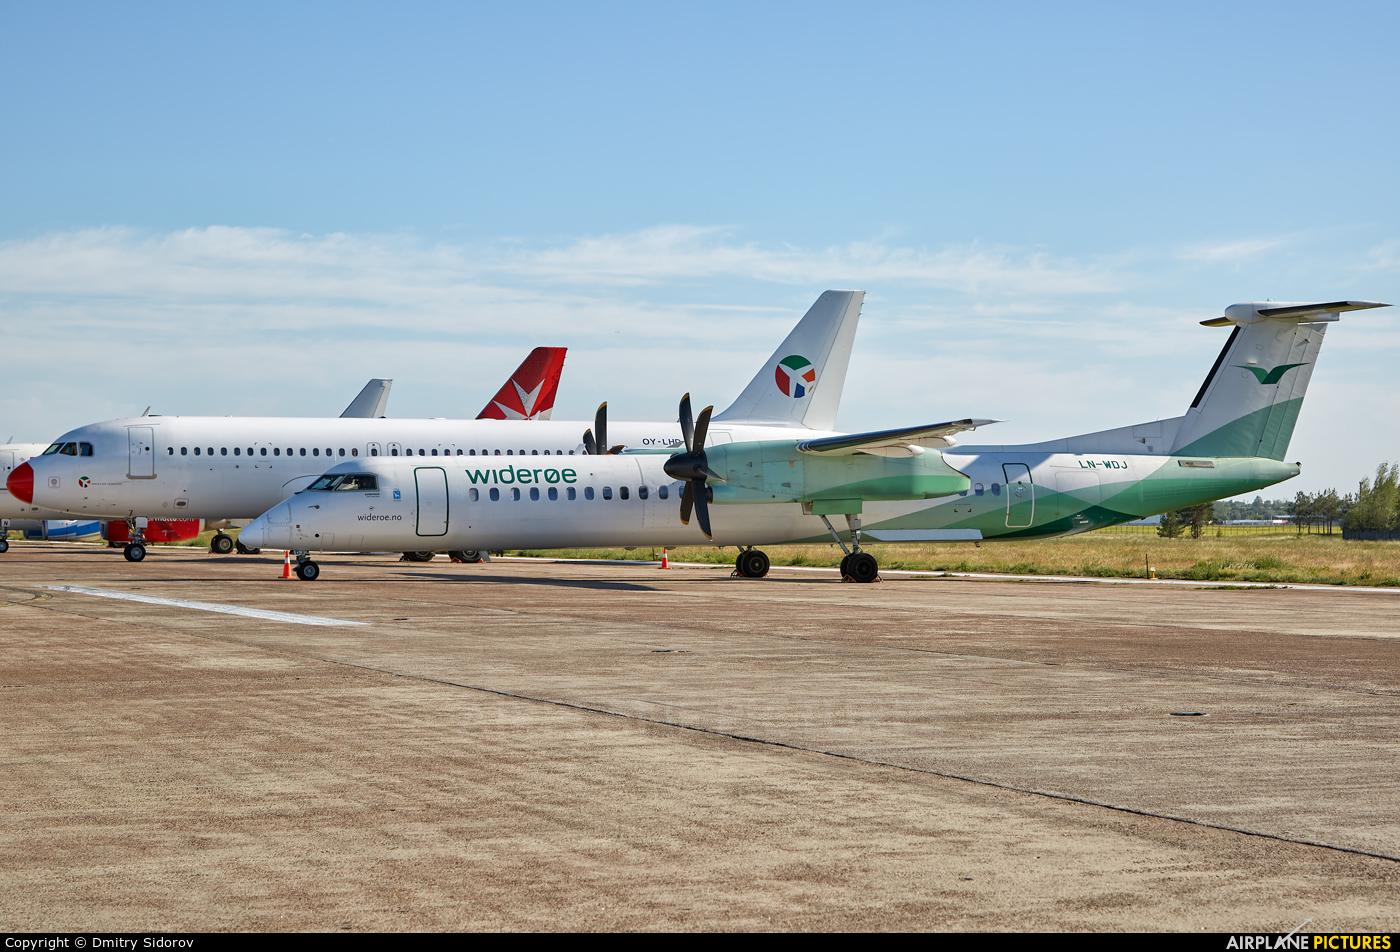 Widerøe LN-WDJ aircraft at Kyiv - Borispol